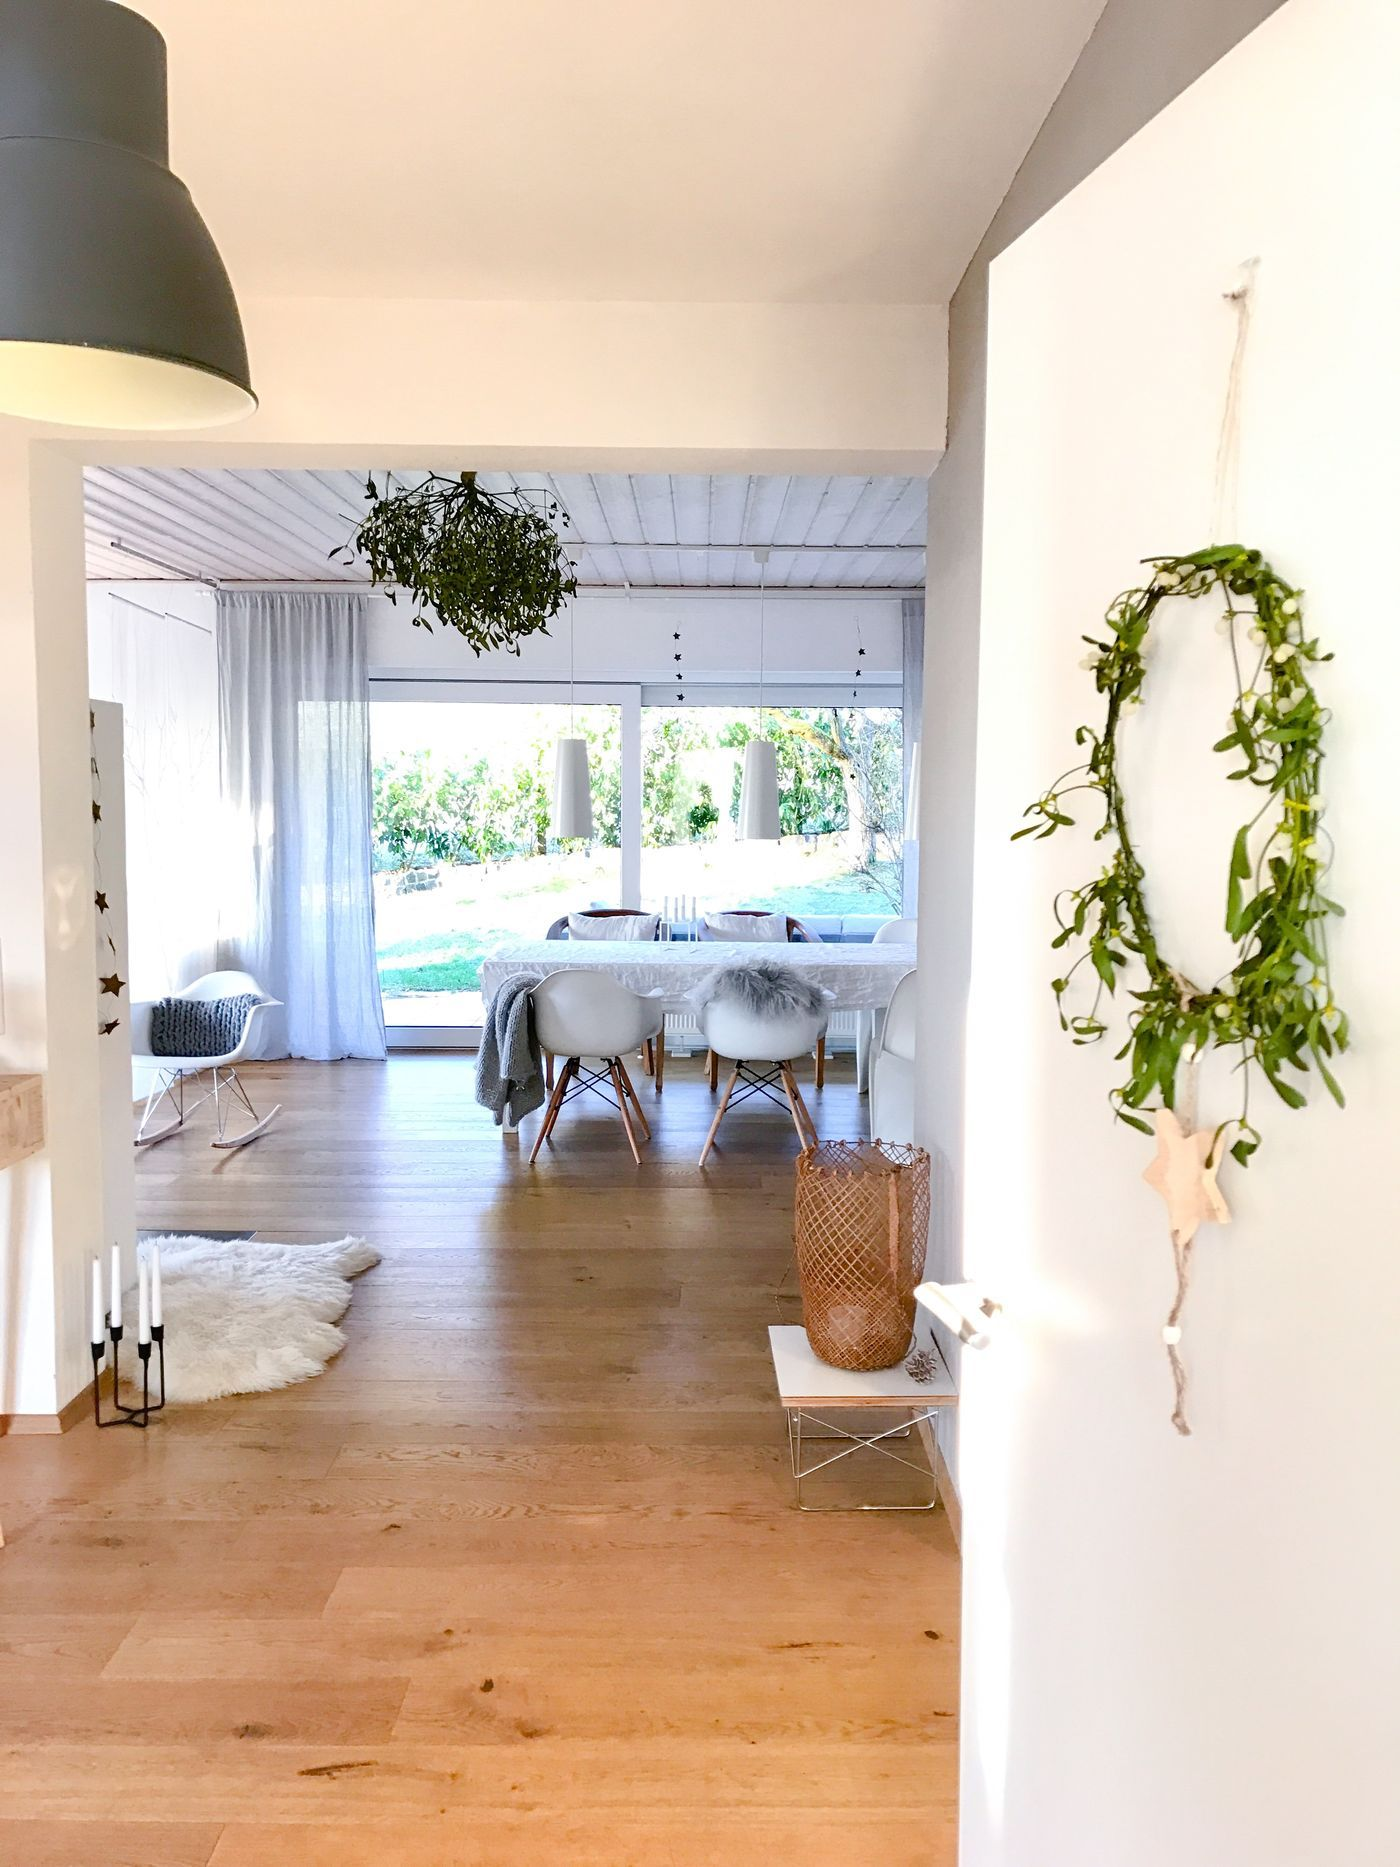 Full Size of Ikea Lampen Schnsten Ideen Mit Leuchten Wohnzimmer Esstisch Deckenlampen Für Modulküche Miniküche Modern Betten Bei Led Küche Kosten 160x200 Bad Stehlampen Wohnzimmer Ikea Lampen